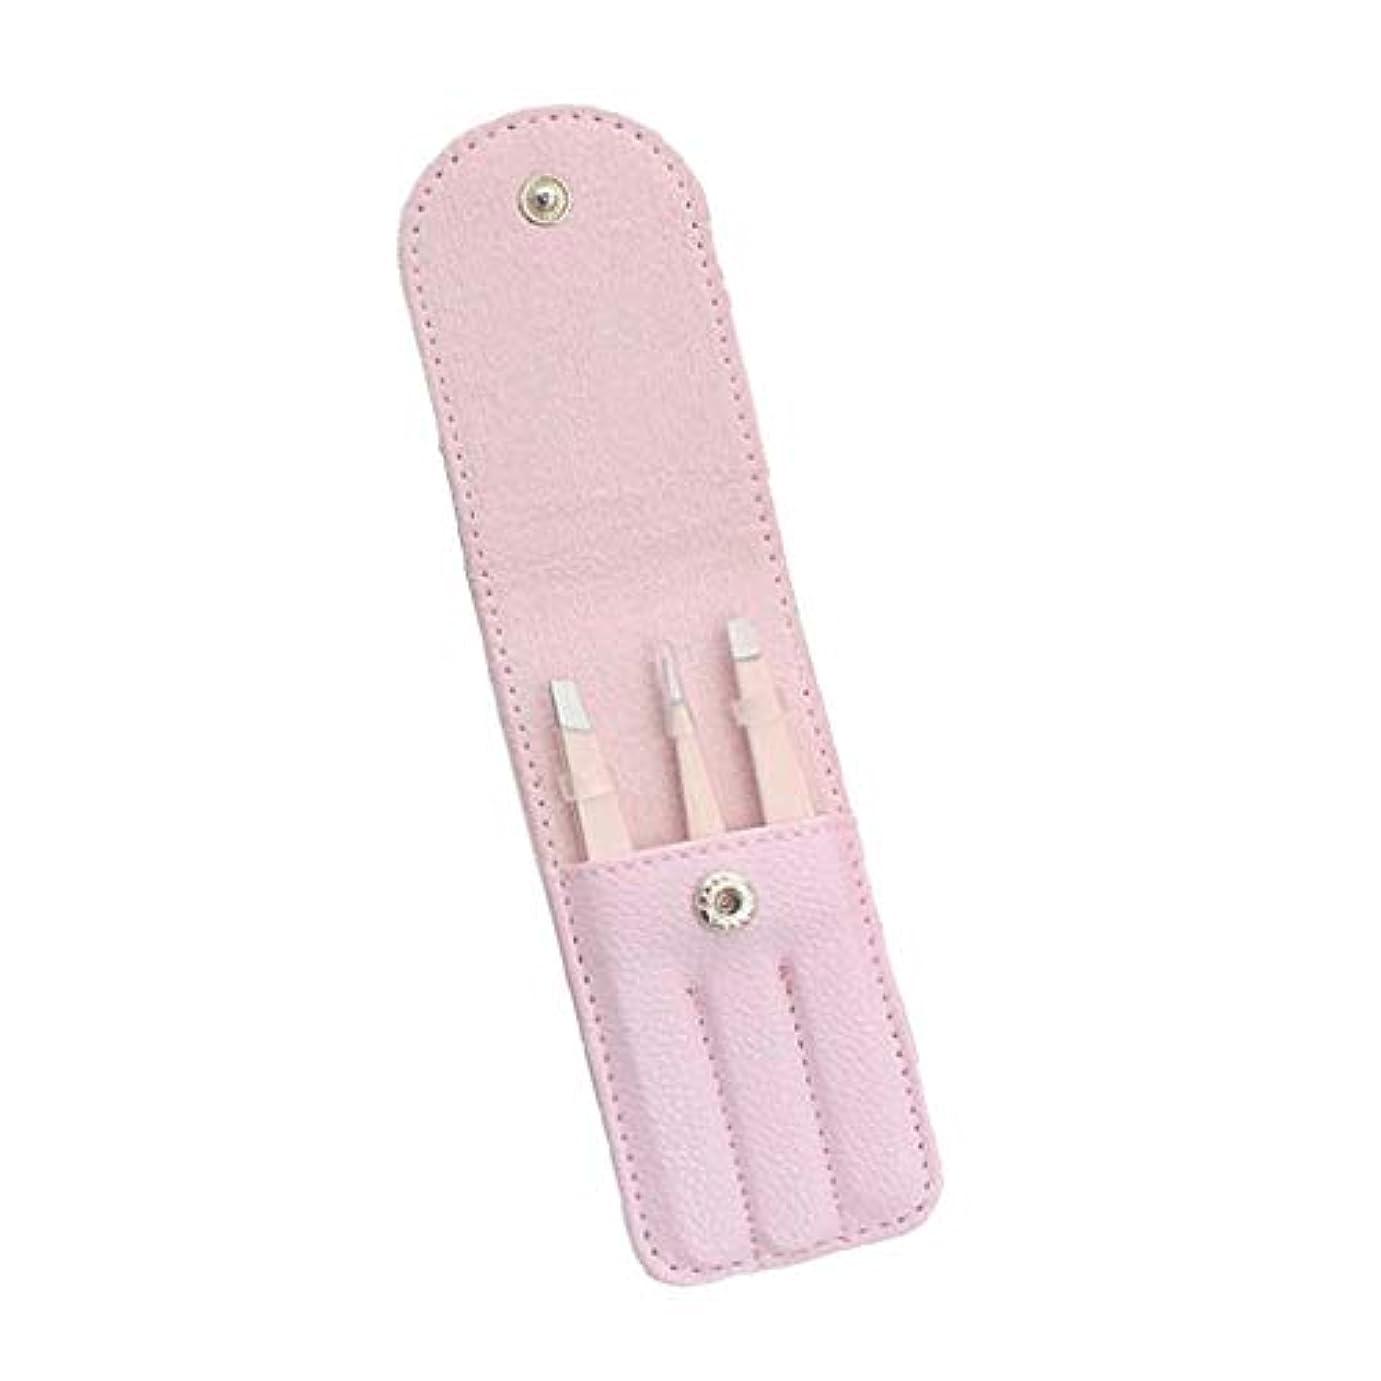 コックロケーション問題眉毛ピンセット 毛抜き 眉毛クリップ ステンレス鋼 収納バッグ付 プロ用 家庭用 3個 全4色 - ピンク